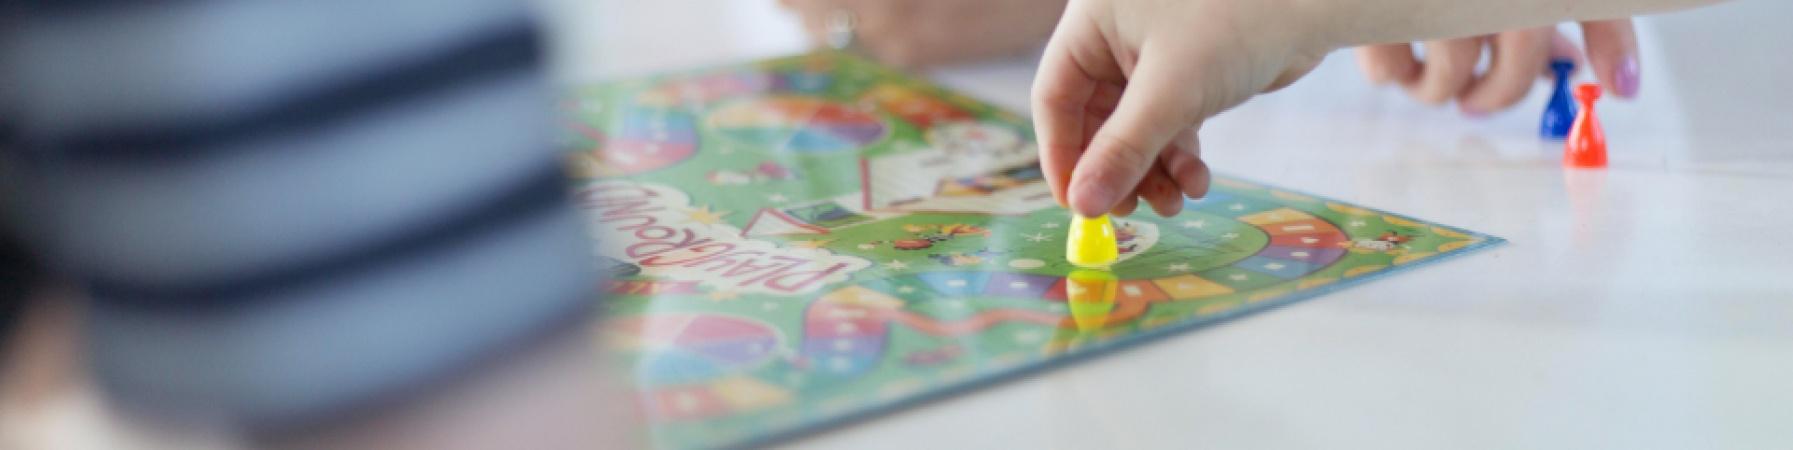 primo piano gioco da tavolo con mani dei bambini che spostano pedine